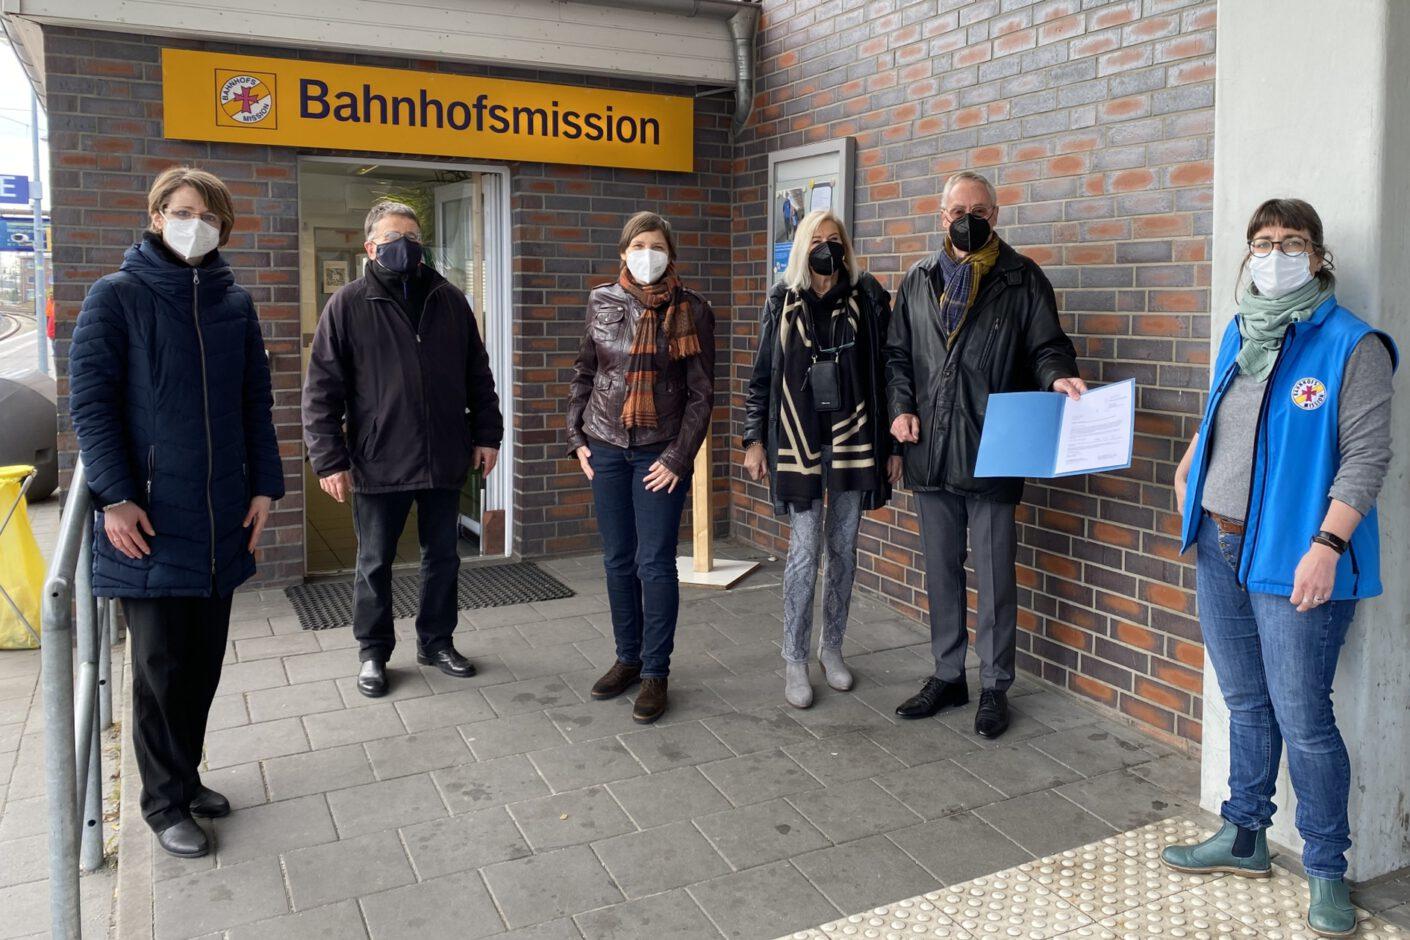 Foto: 6 Personen bei der Bahnhofsmission